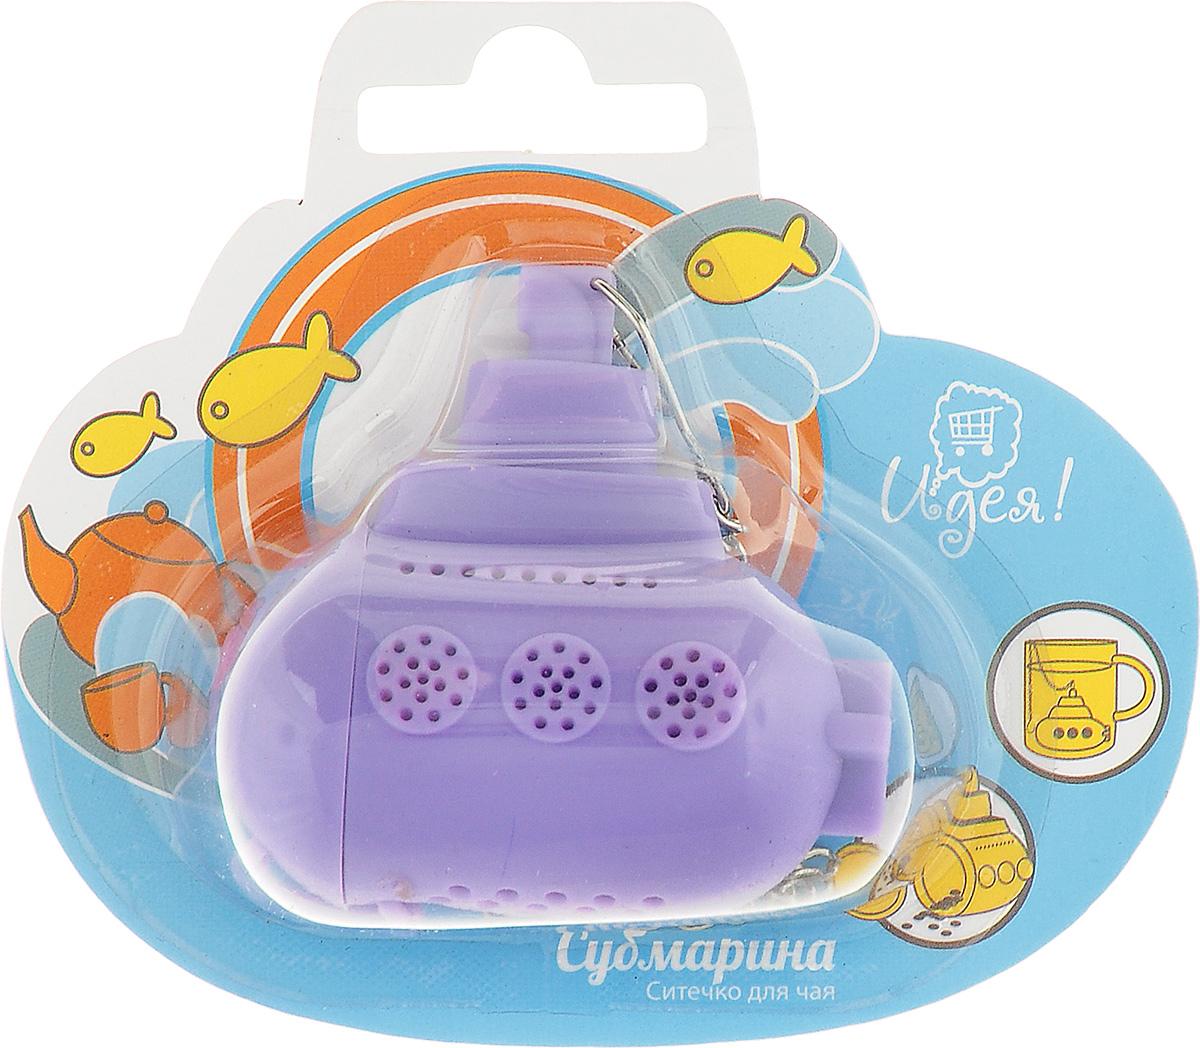 Ситечко для чая Идея Субмарина, цвет: фиолетовыйSBM-01_фиолСитечко Идея Субмарина прекрасно подходит для заваривания любого вида чая. Изделие выполнено из пищевого силикона в виде подводной лодки. Изделием очень легко пользоваться. Просто насыпьте заварку внутрь и погрузите субмарину на дно кружки. Изделие снабжено металлической цепочкой с крючком на конце. Забавная и приятная вещица для вашего домашнего чаепития.Не рекомендуется мыть в посудомоечной машине. Размер фигурки: 6 см х 5,5 см х 3 см.